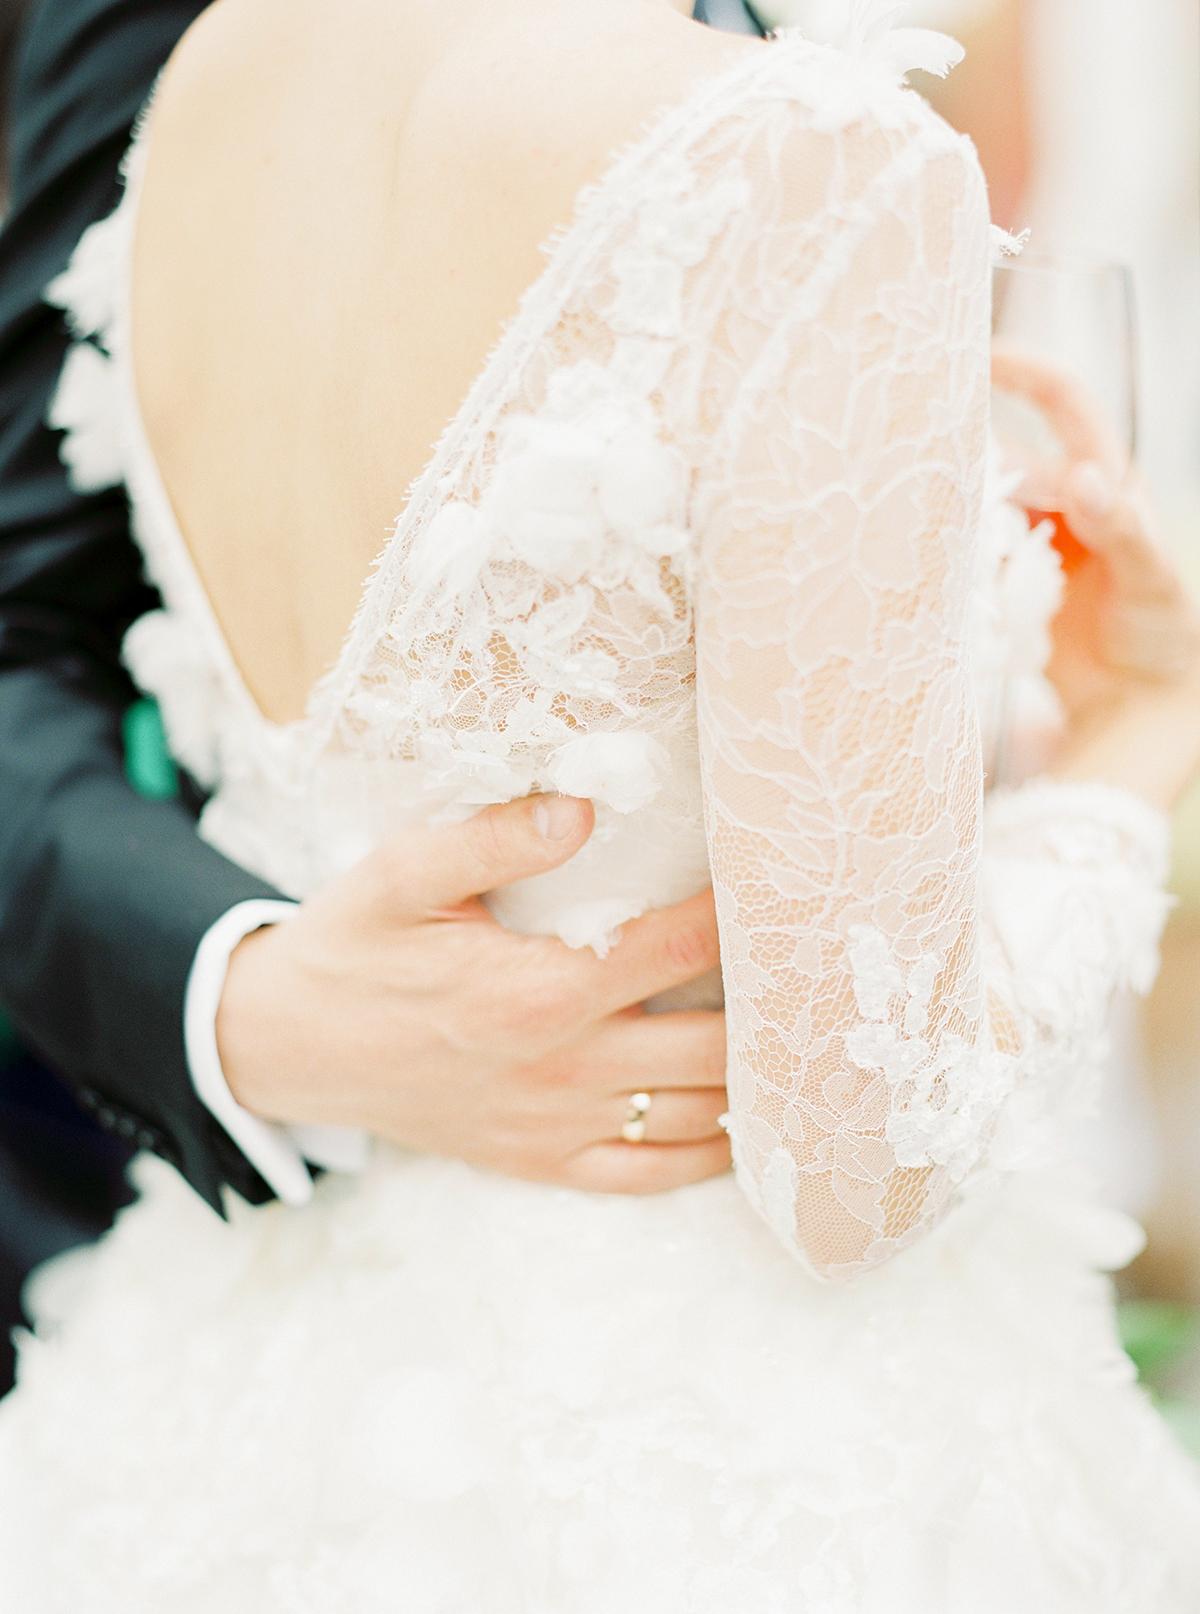 Landgut Stober Hochzeit | Fine Art Film Wedding Photography by Ashley Ludaescher (23)